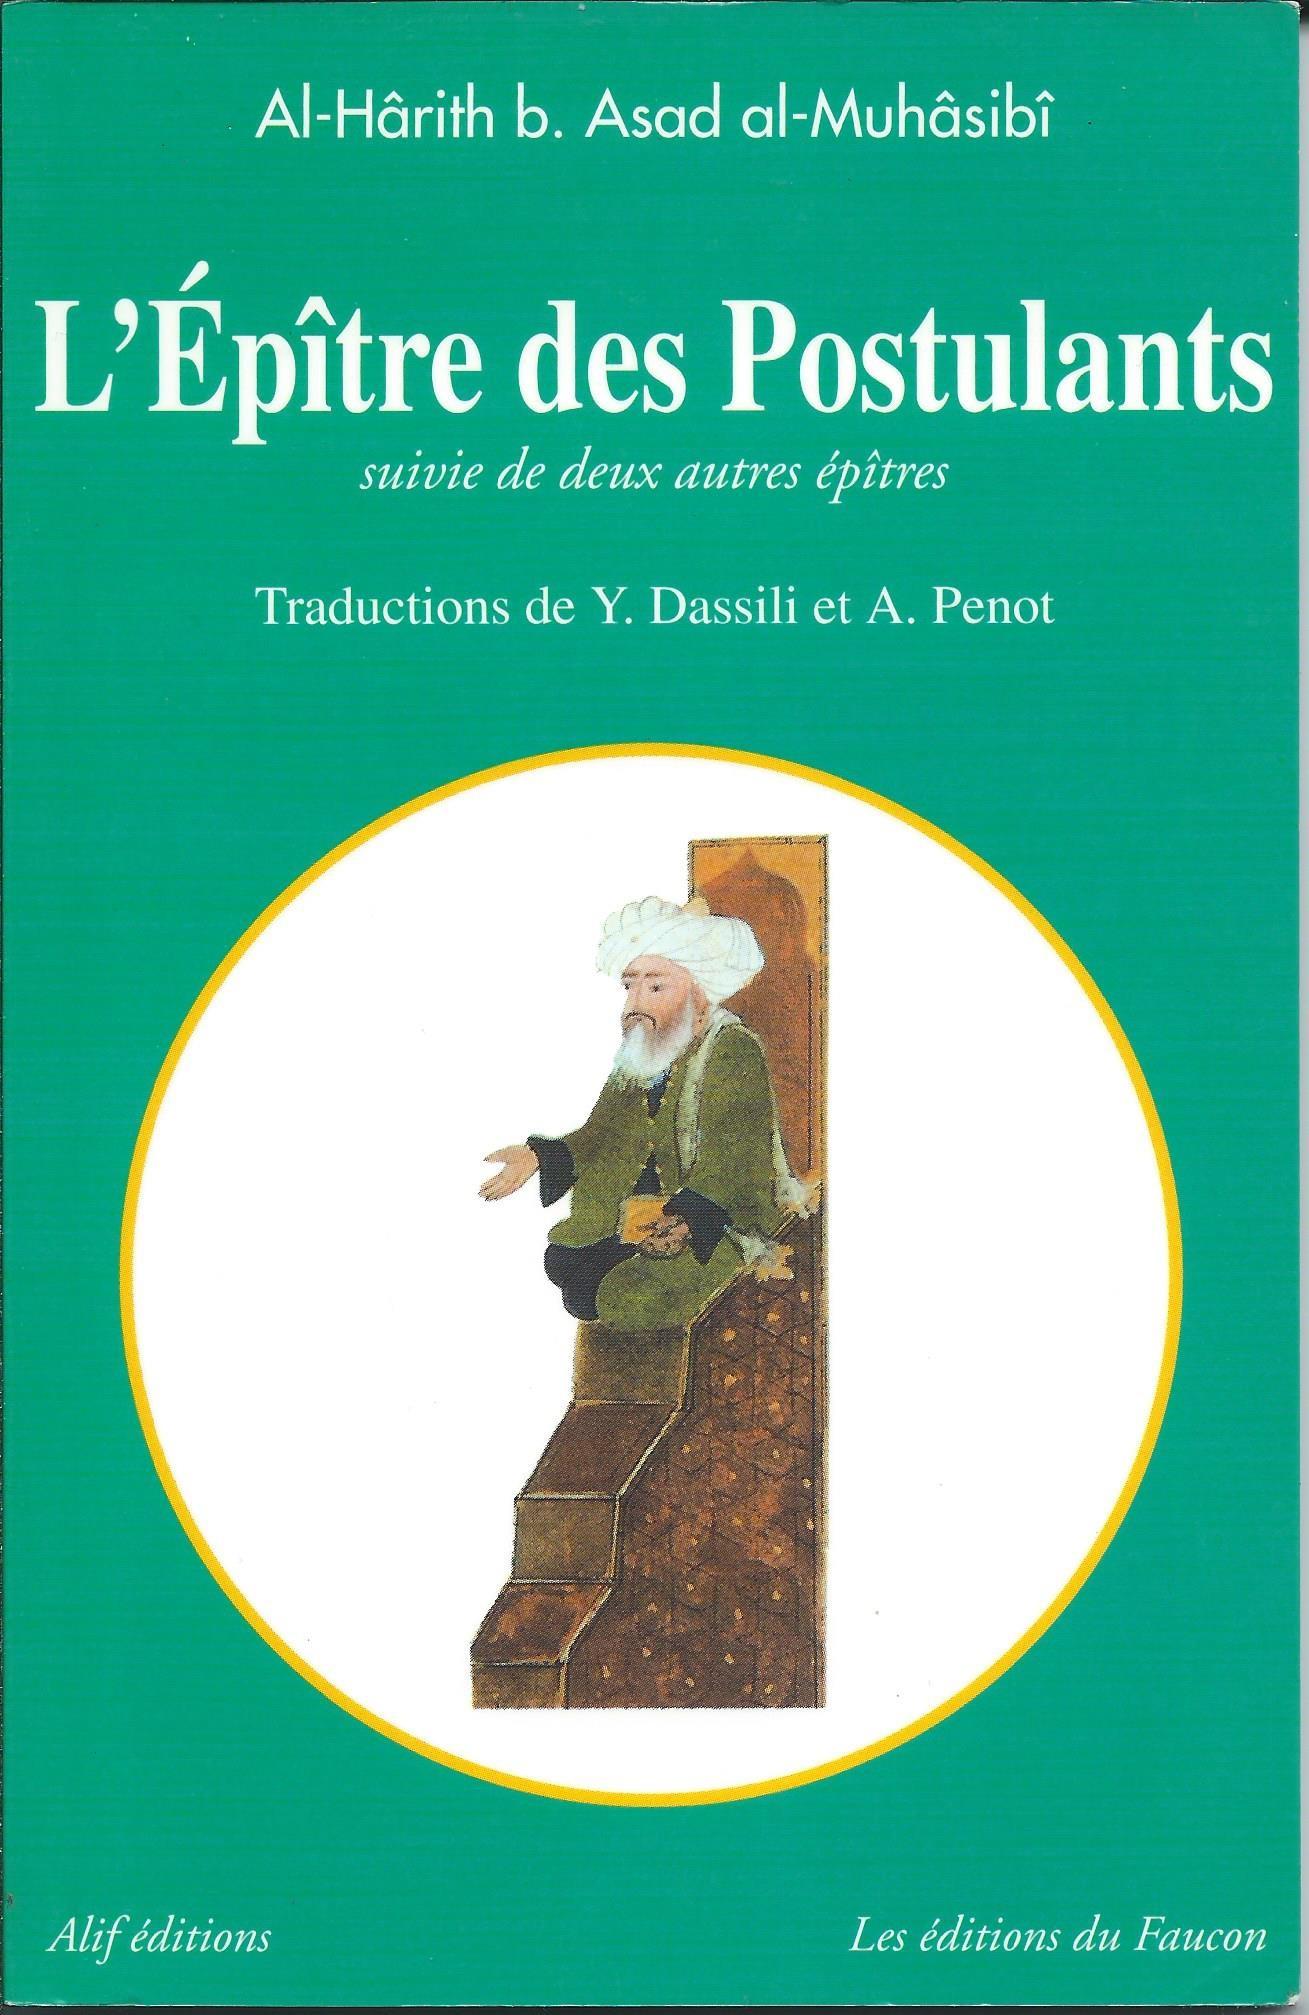 """Résultat de recherche d'images pour """"L'épitre des Postulants Muhasibî imusk"""""""""""